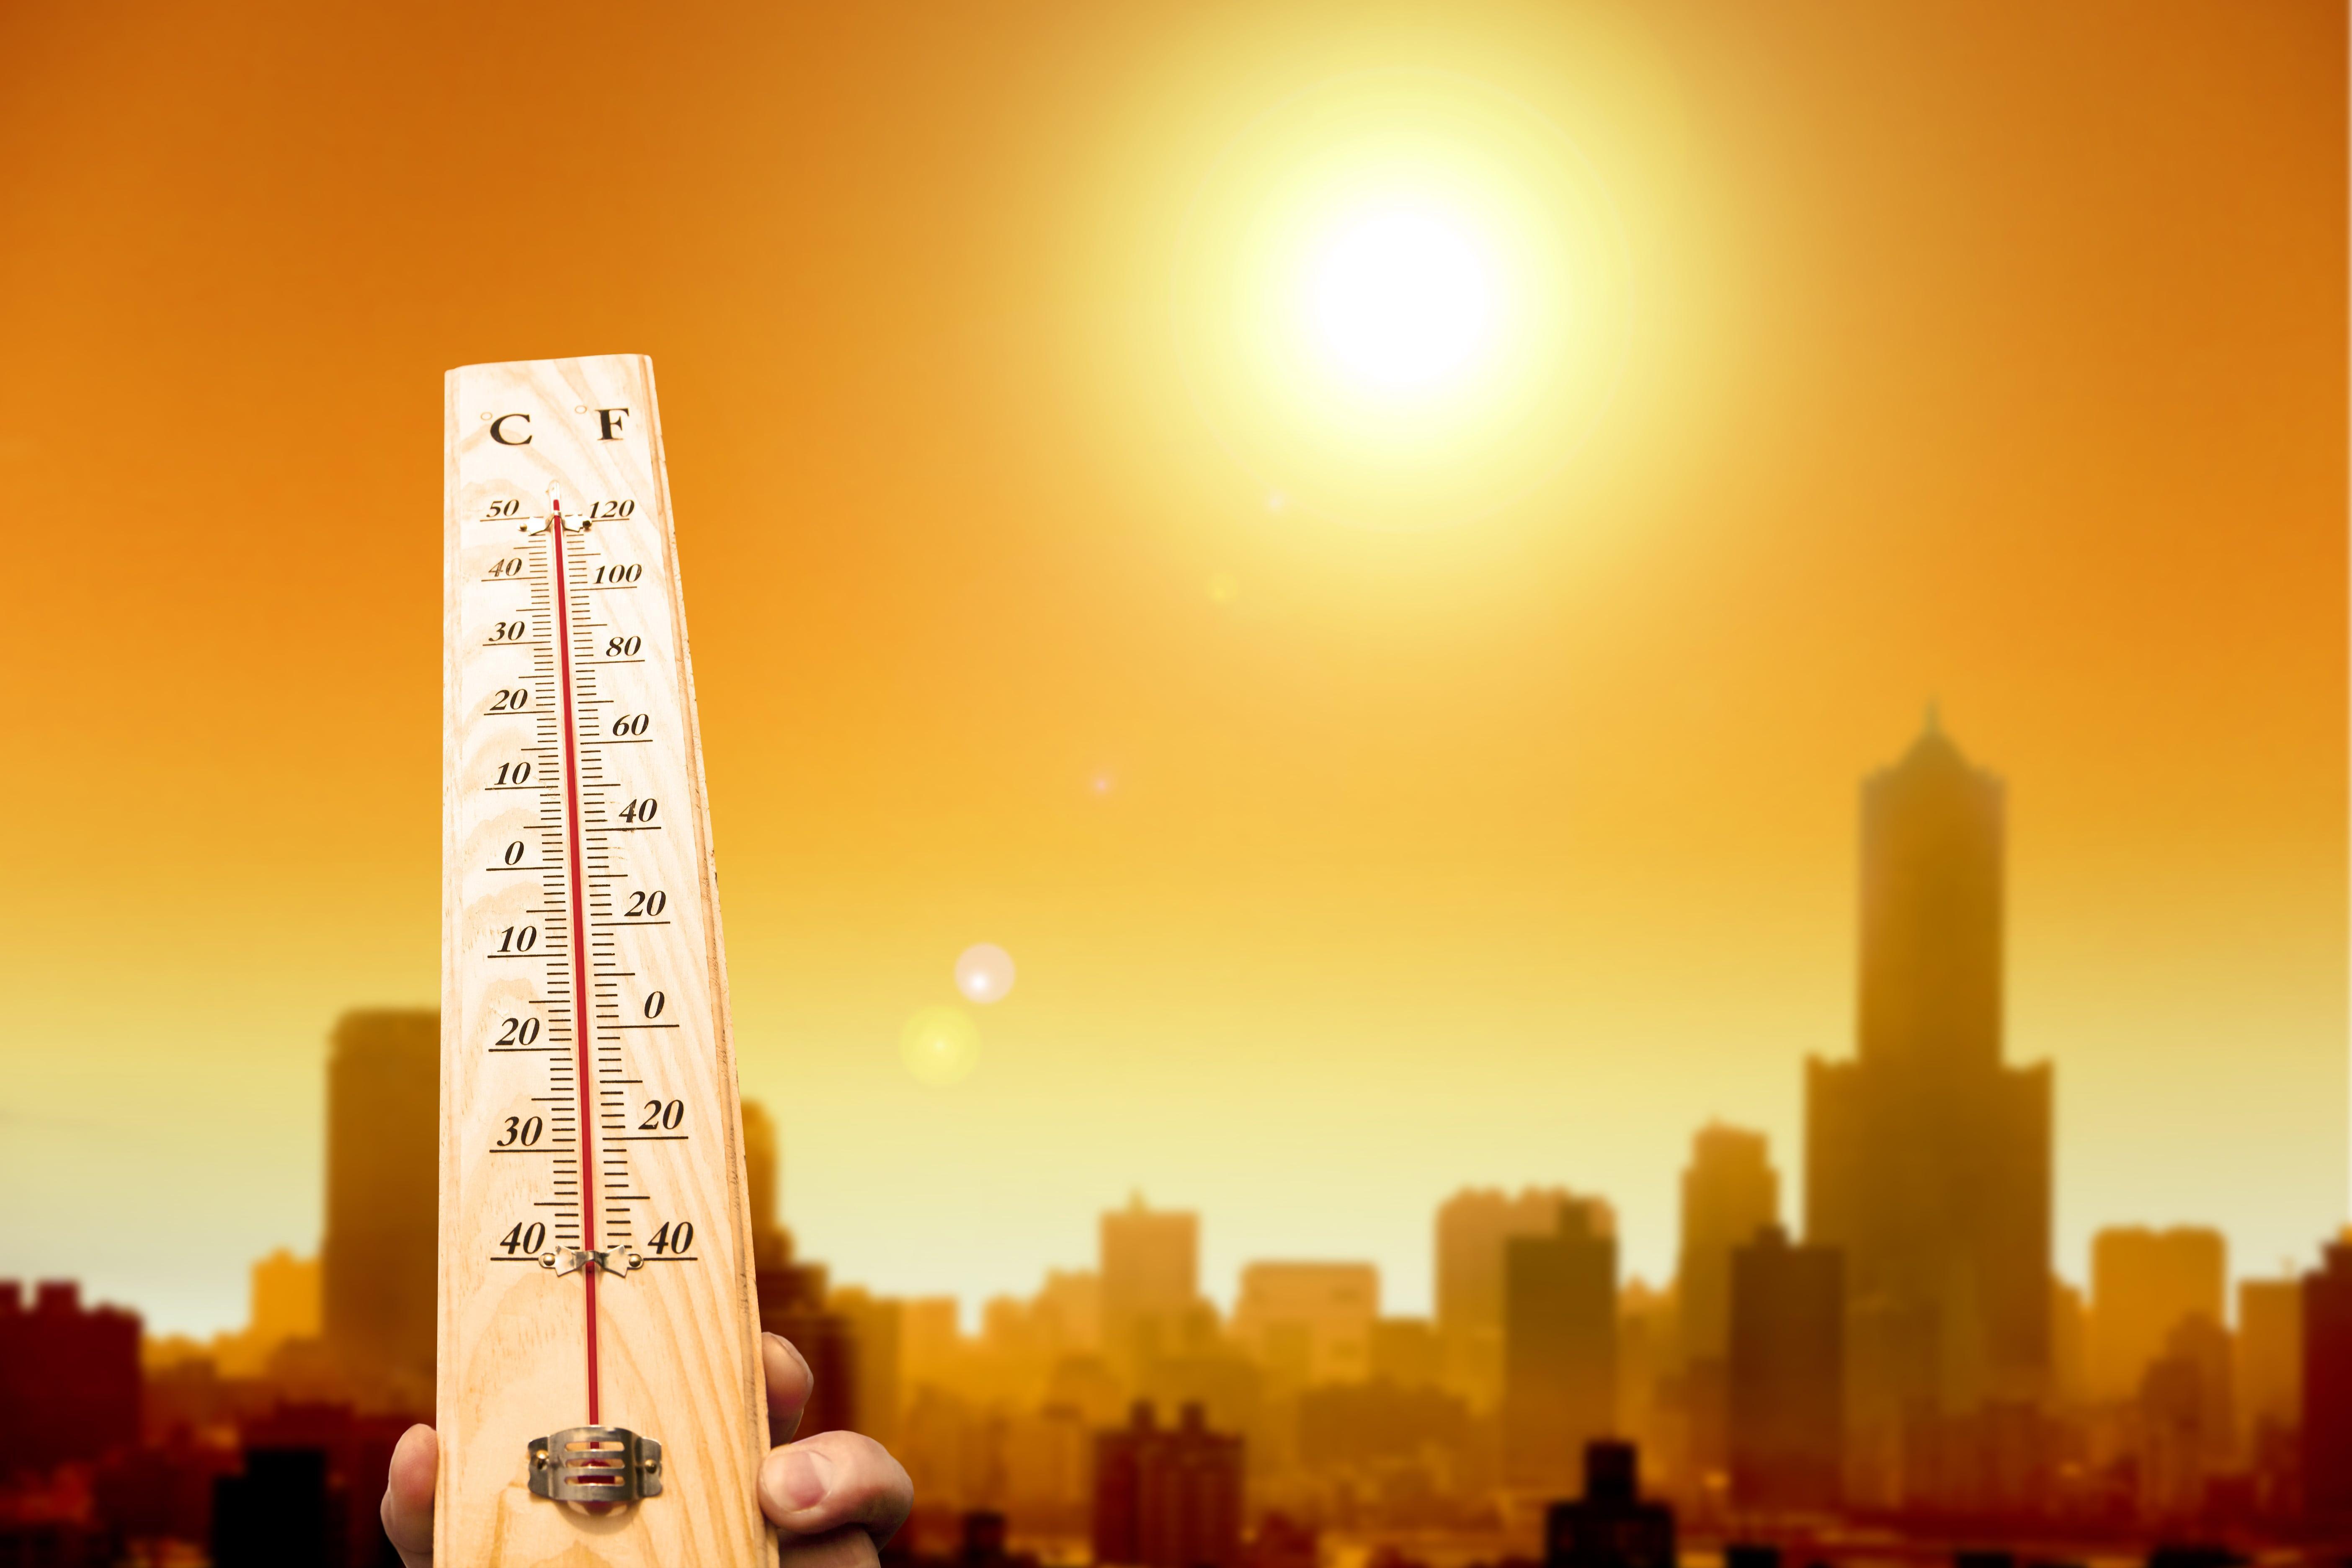 Alertă ANM! Meteorologii anunță Cod Portocaliu de caniculă. Se vor înregistra temperaturi între 38 şi 40 de grade. Zonele afectate